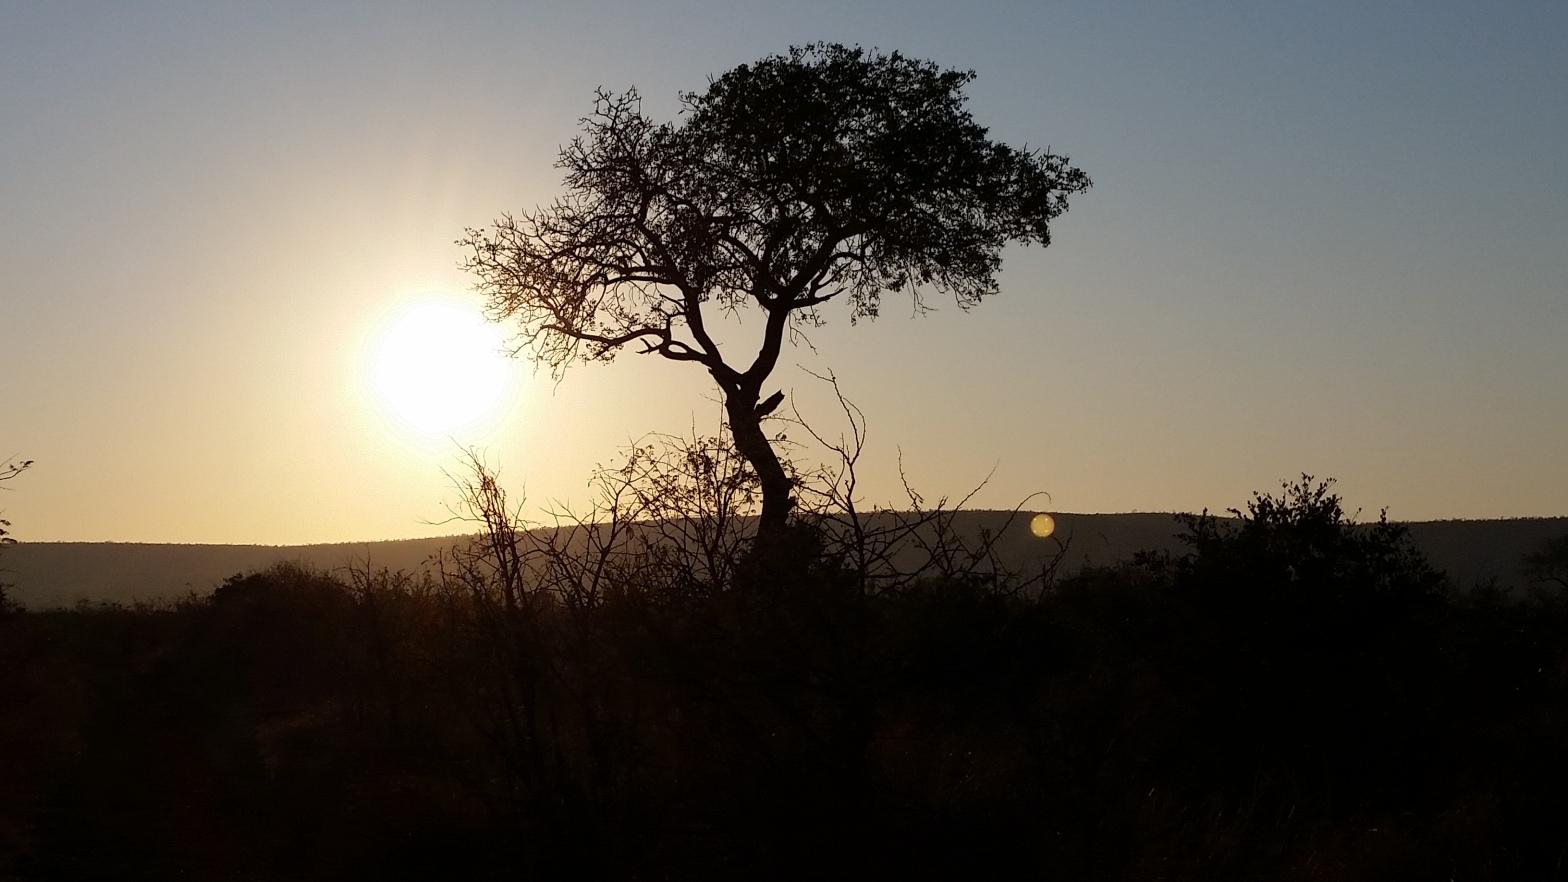 Kruger National Park, South Africa (Photo credit: Paul Blom)